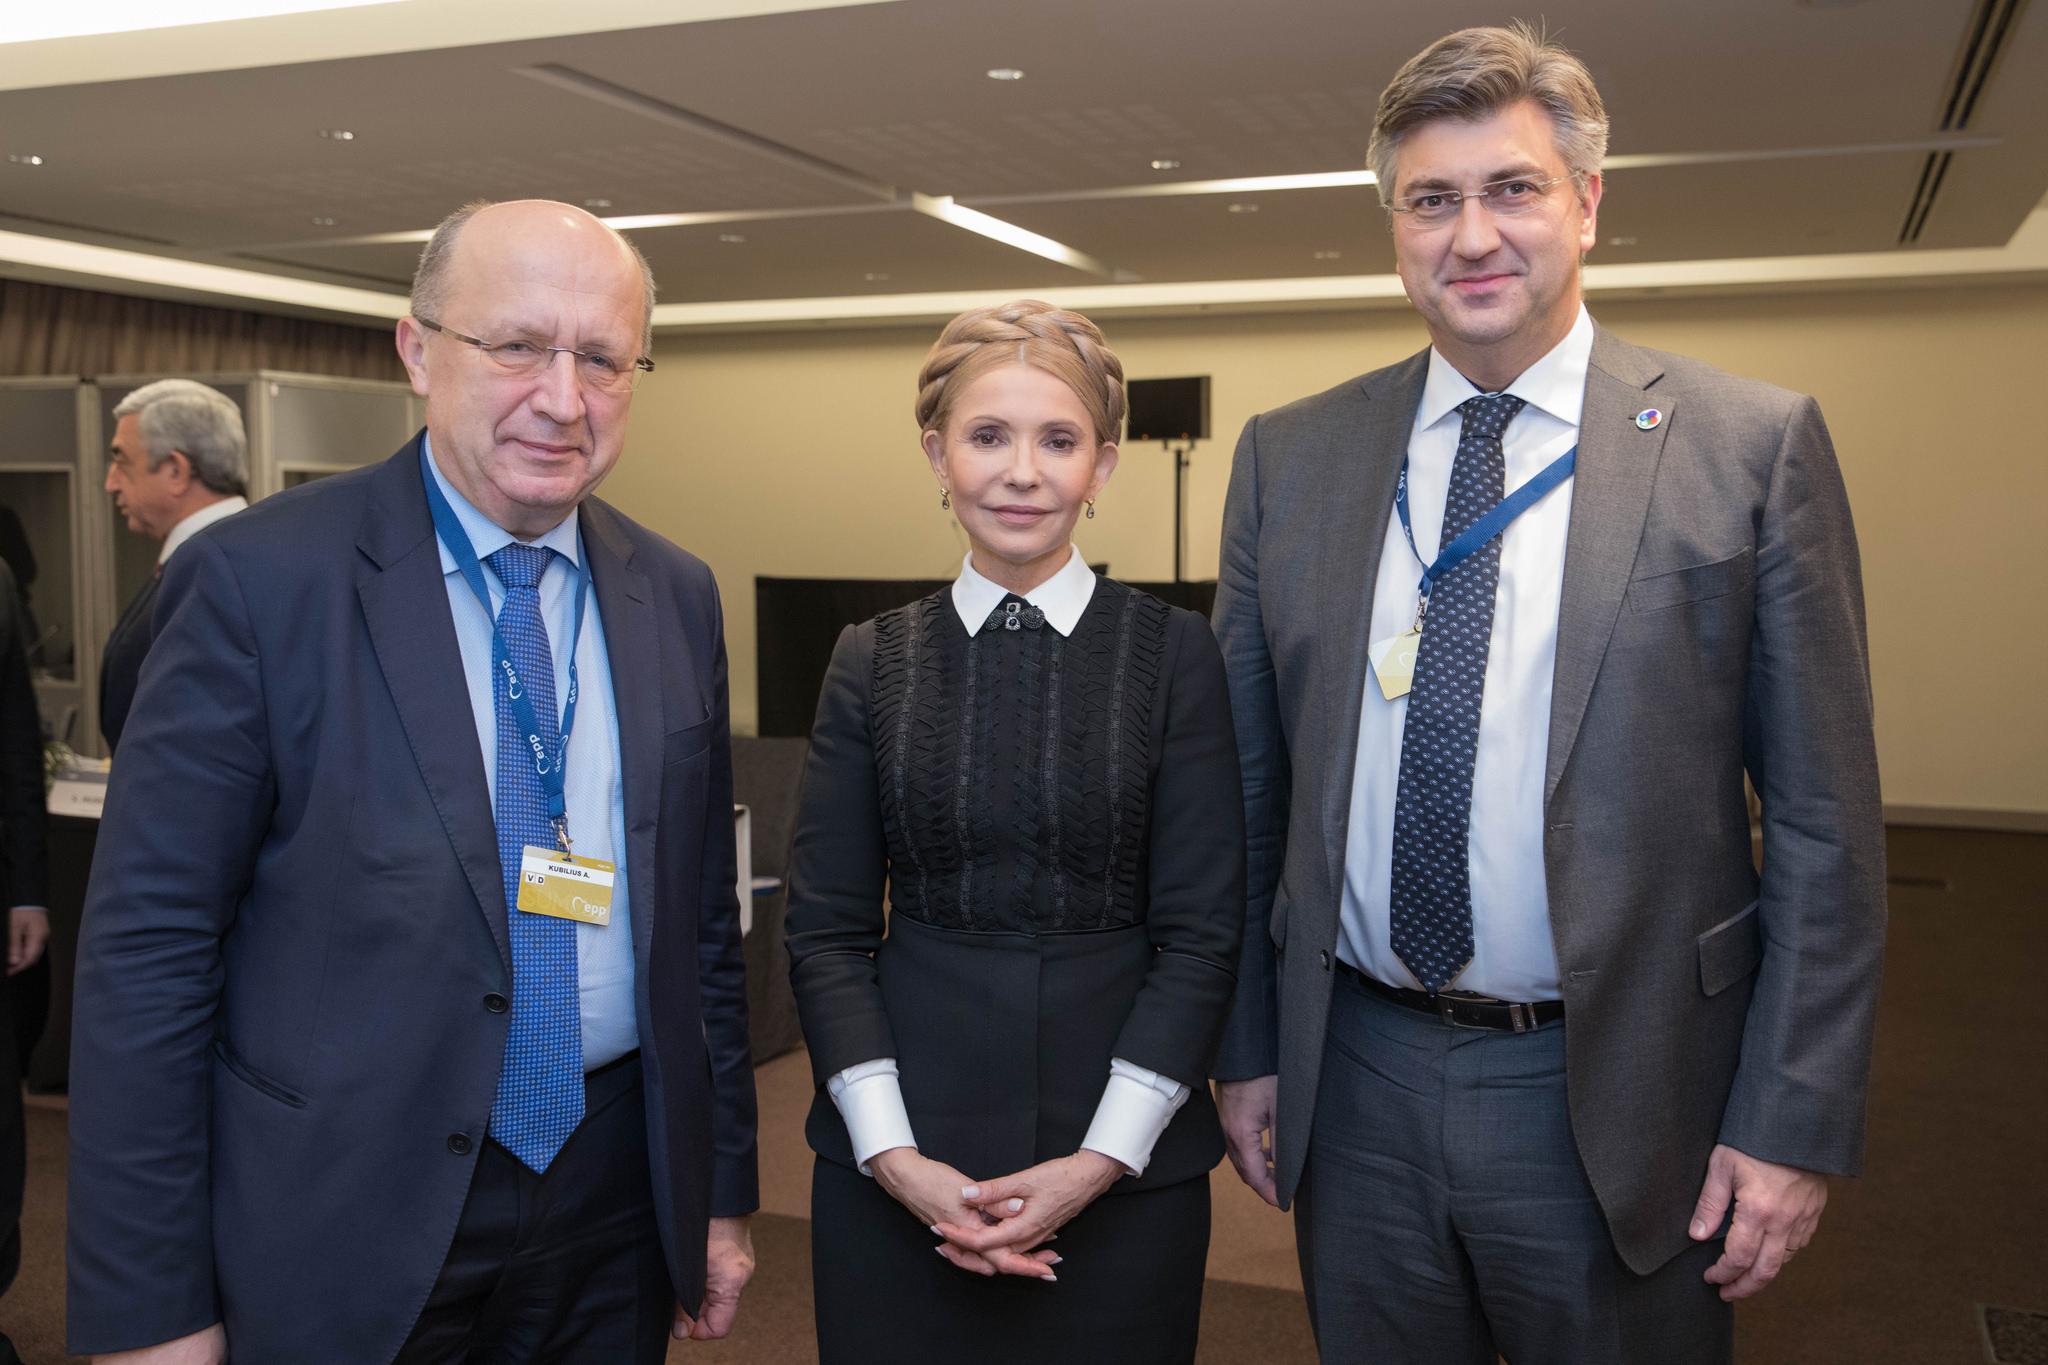 Колишній прем'єр-міністр Литви Андрюс Кубілюс, Юлія Тимошенко та прем'єр-міністр Хорватії Андрій Пленкович (Фото: Flickr European People's Party)